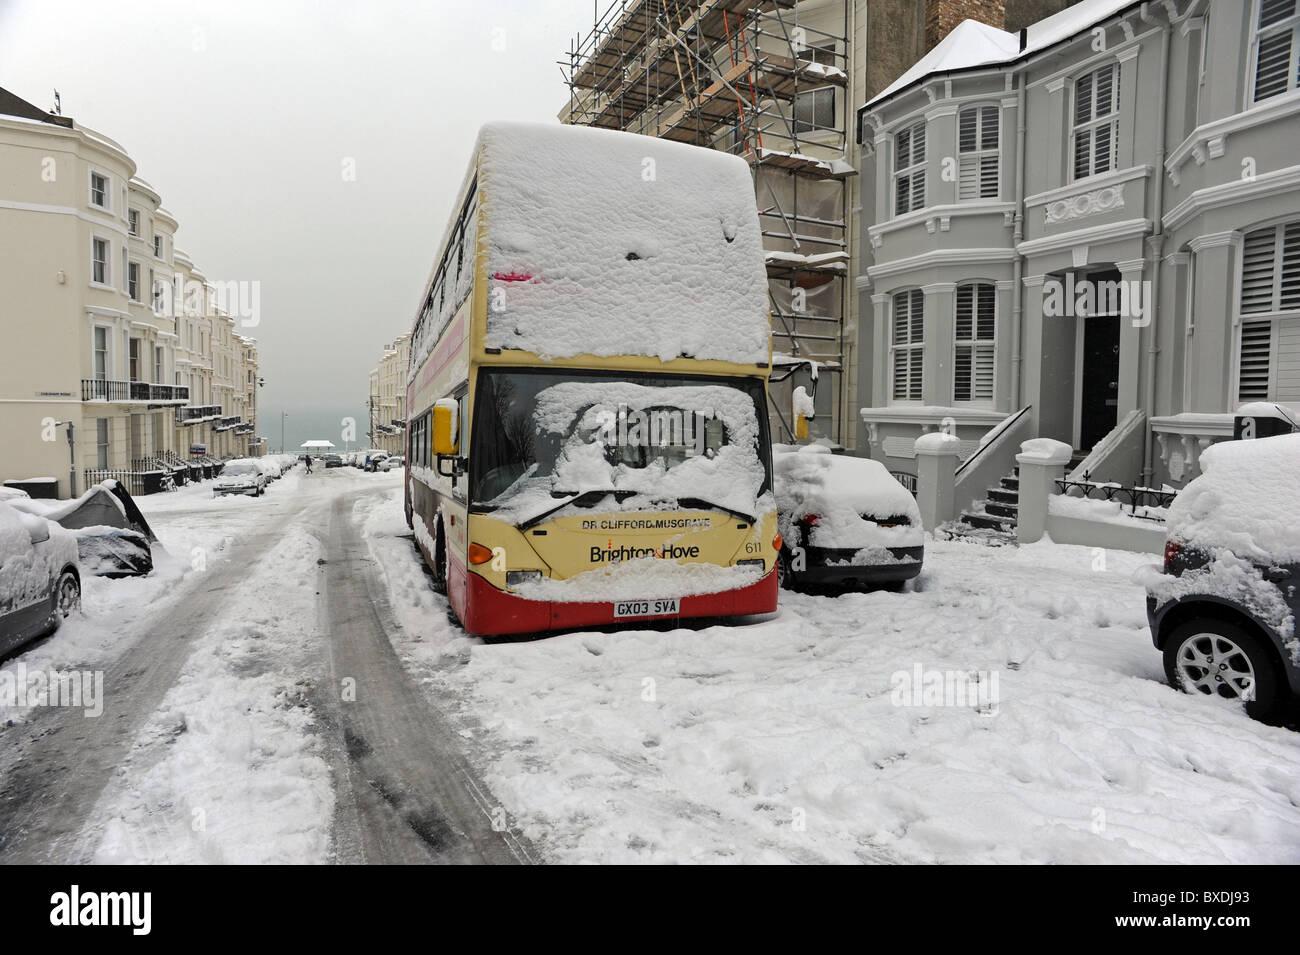 Después de fuertes nevadas un autobús abandonado se ubica en medio de una calle transitada normalmente en Brighton Foto de stock